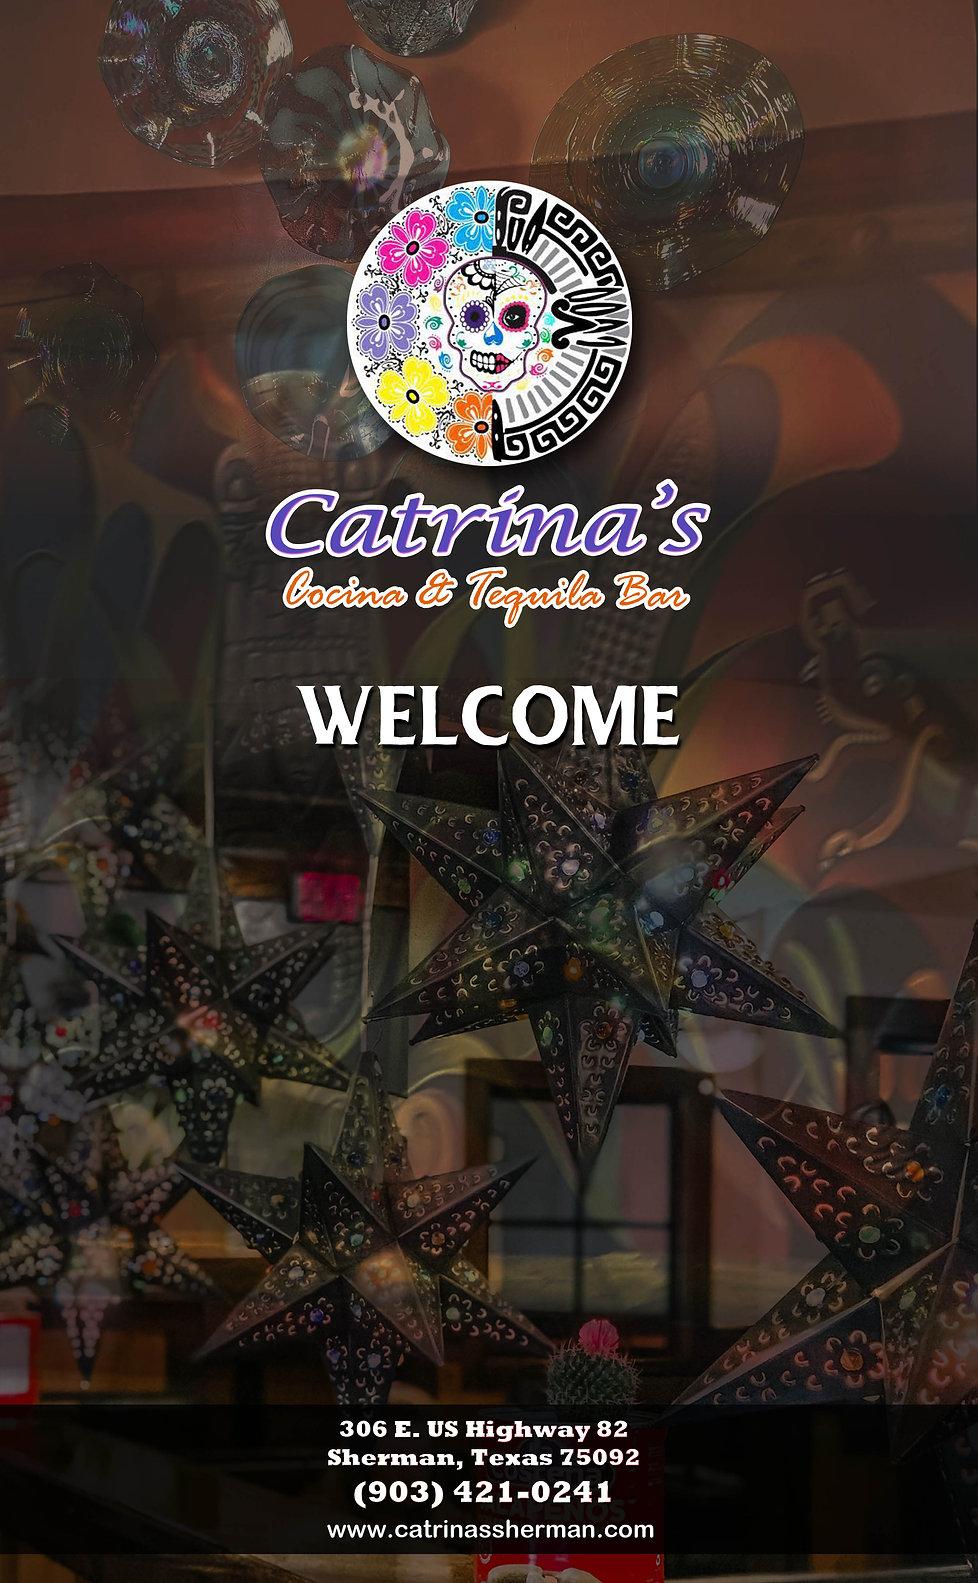 Catrinas1.jpg